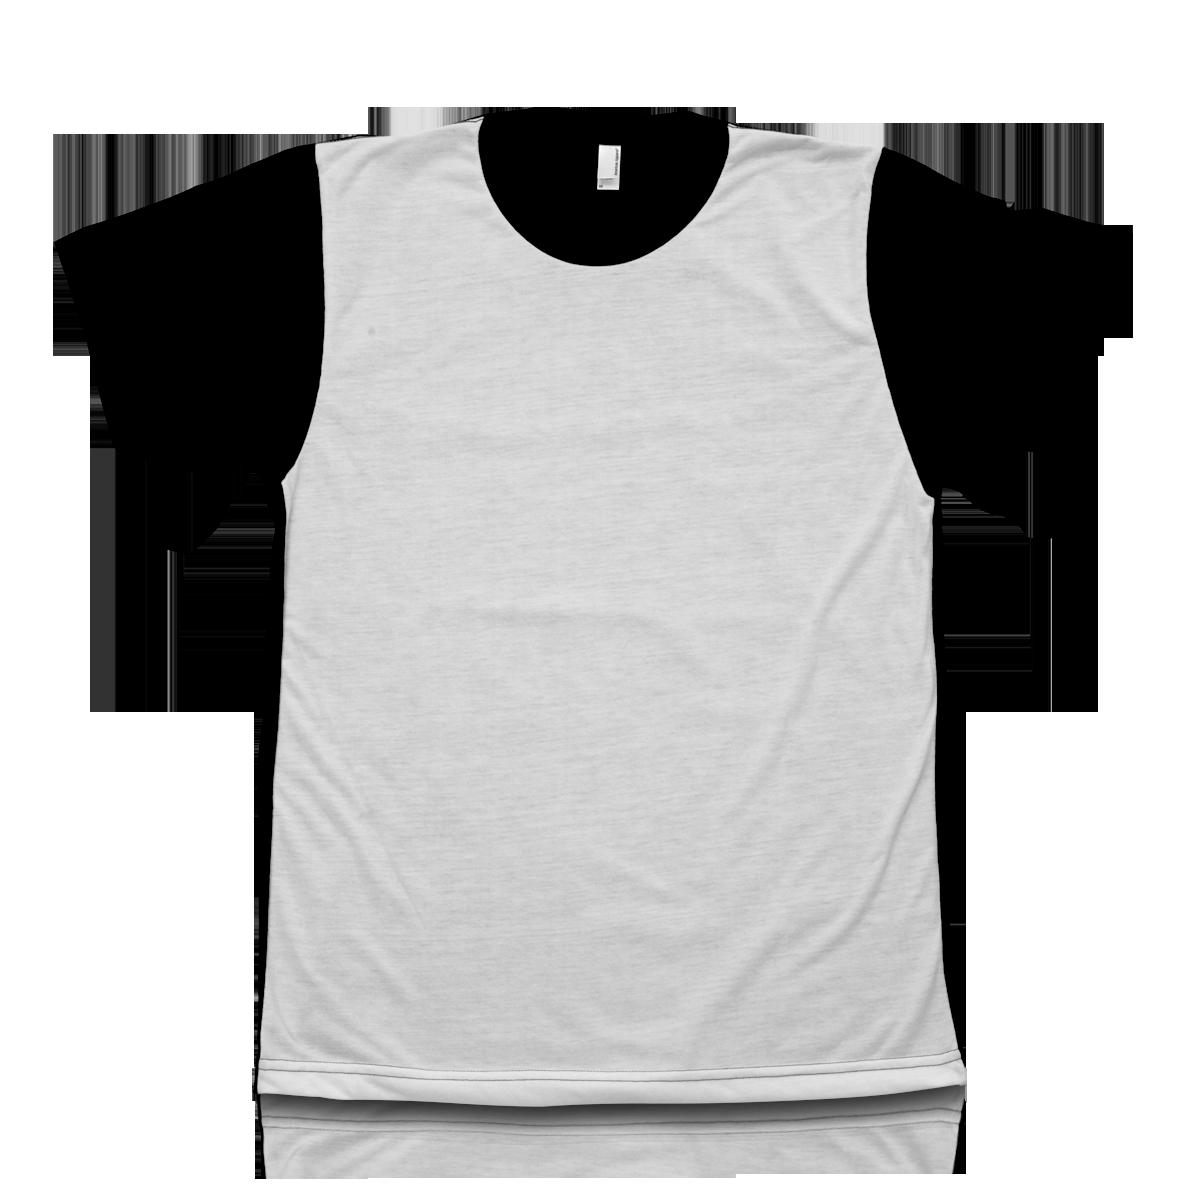 Black t shirt psd template - Black T Shirt Psd Template 52